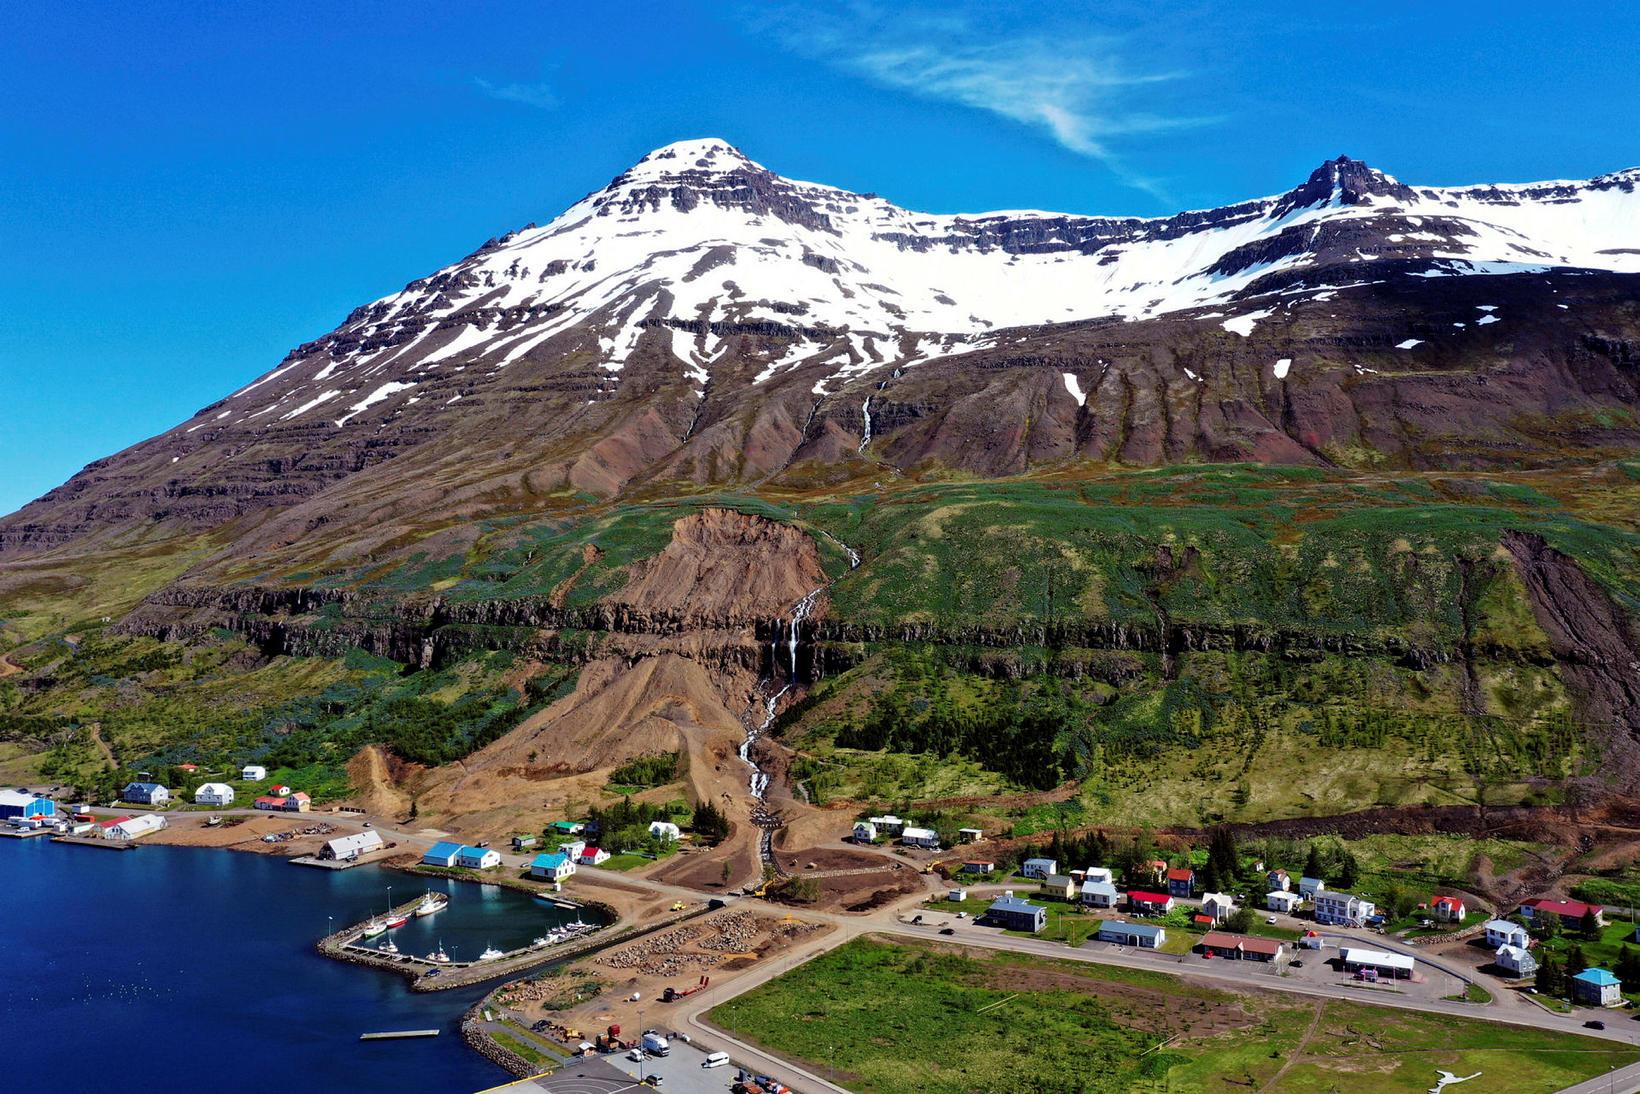 The town of Seyðisfjörður and Strandartindur peak.